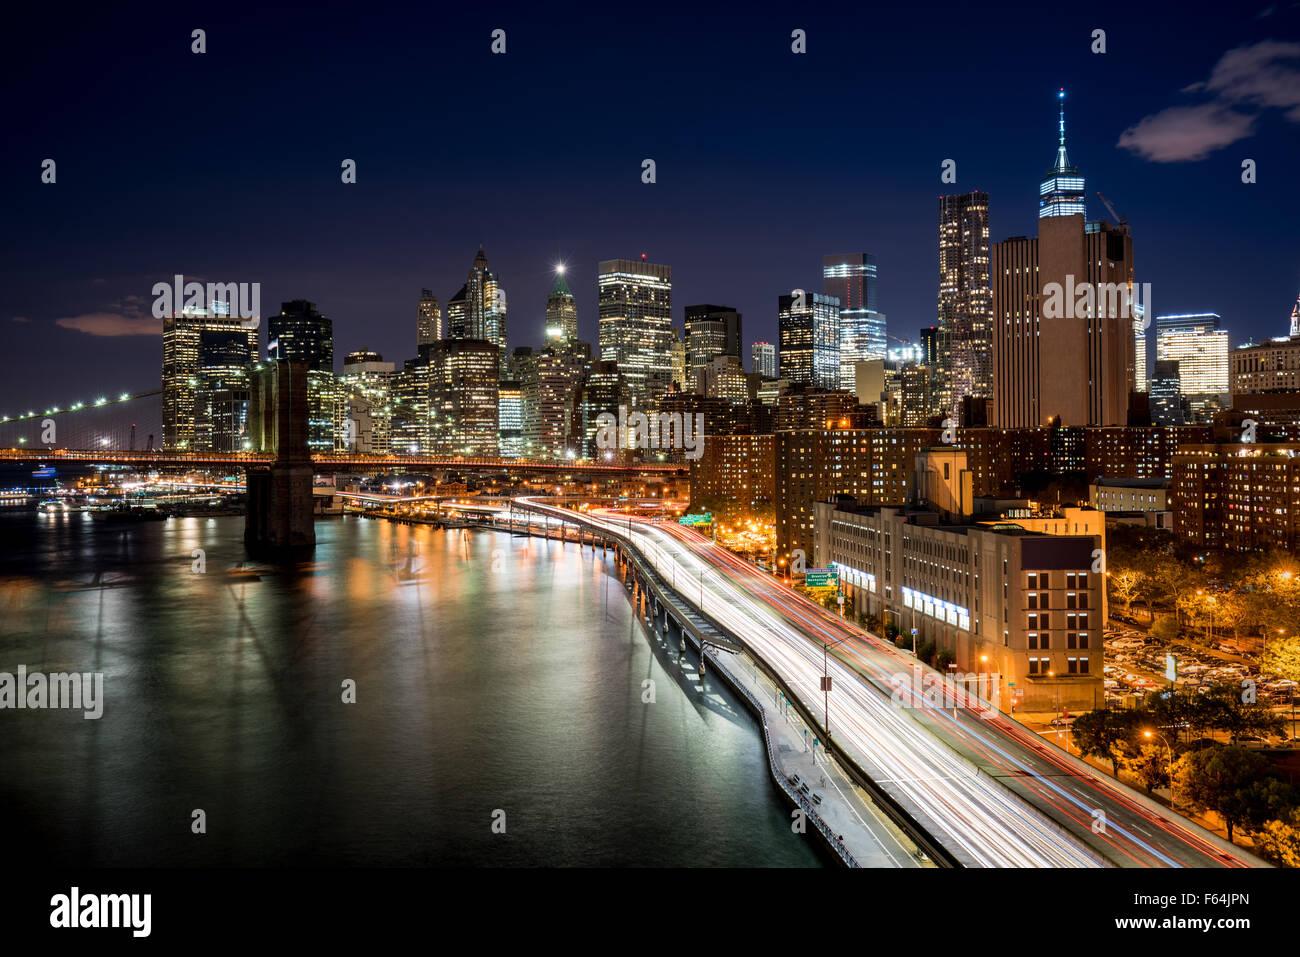 Paesaggio urbano di notte di Lower Manhattan distretto finanziario con i grattacieli illuminati e il World Trade Immagini Stock